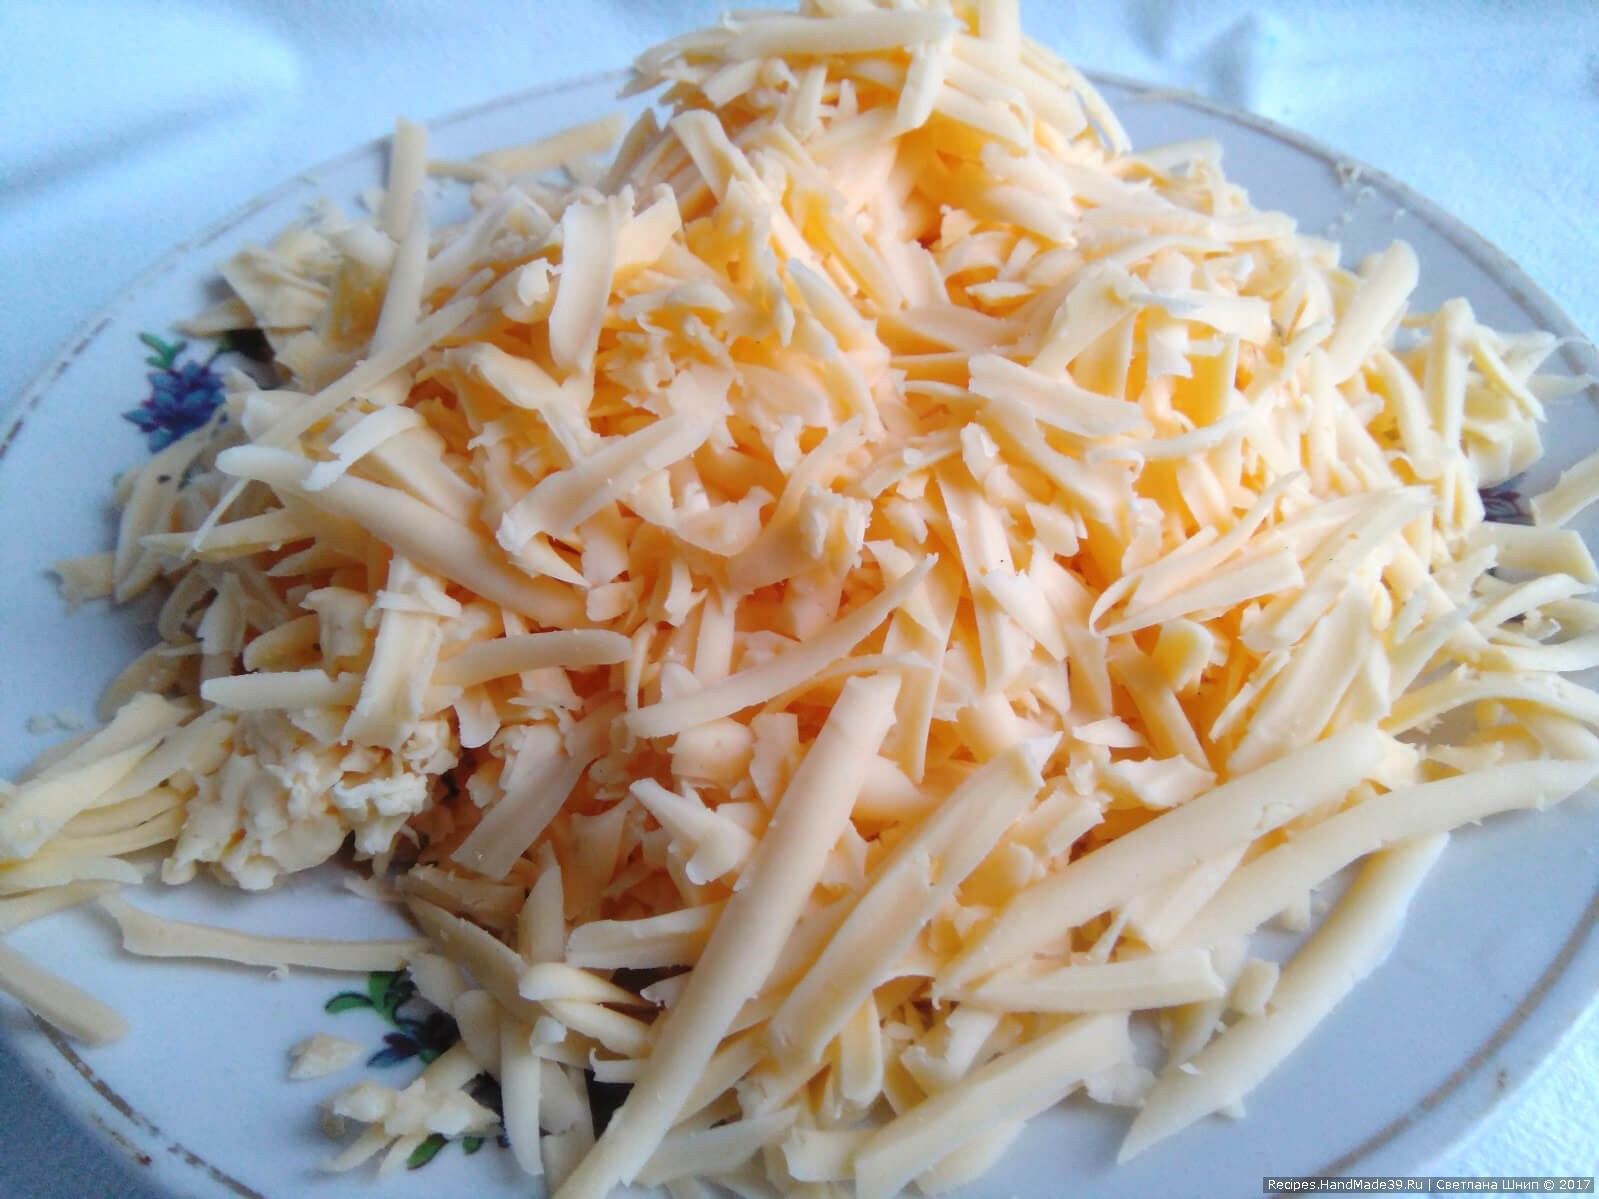 Салат «Шишки» с ананасами и курицей – фото шаг 3. Сыр натереть на средней тёрке